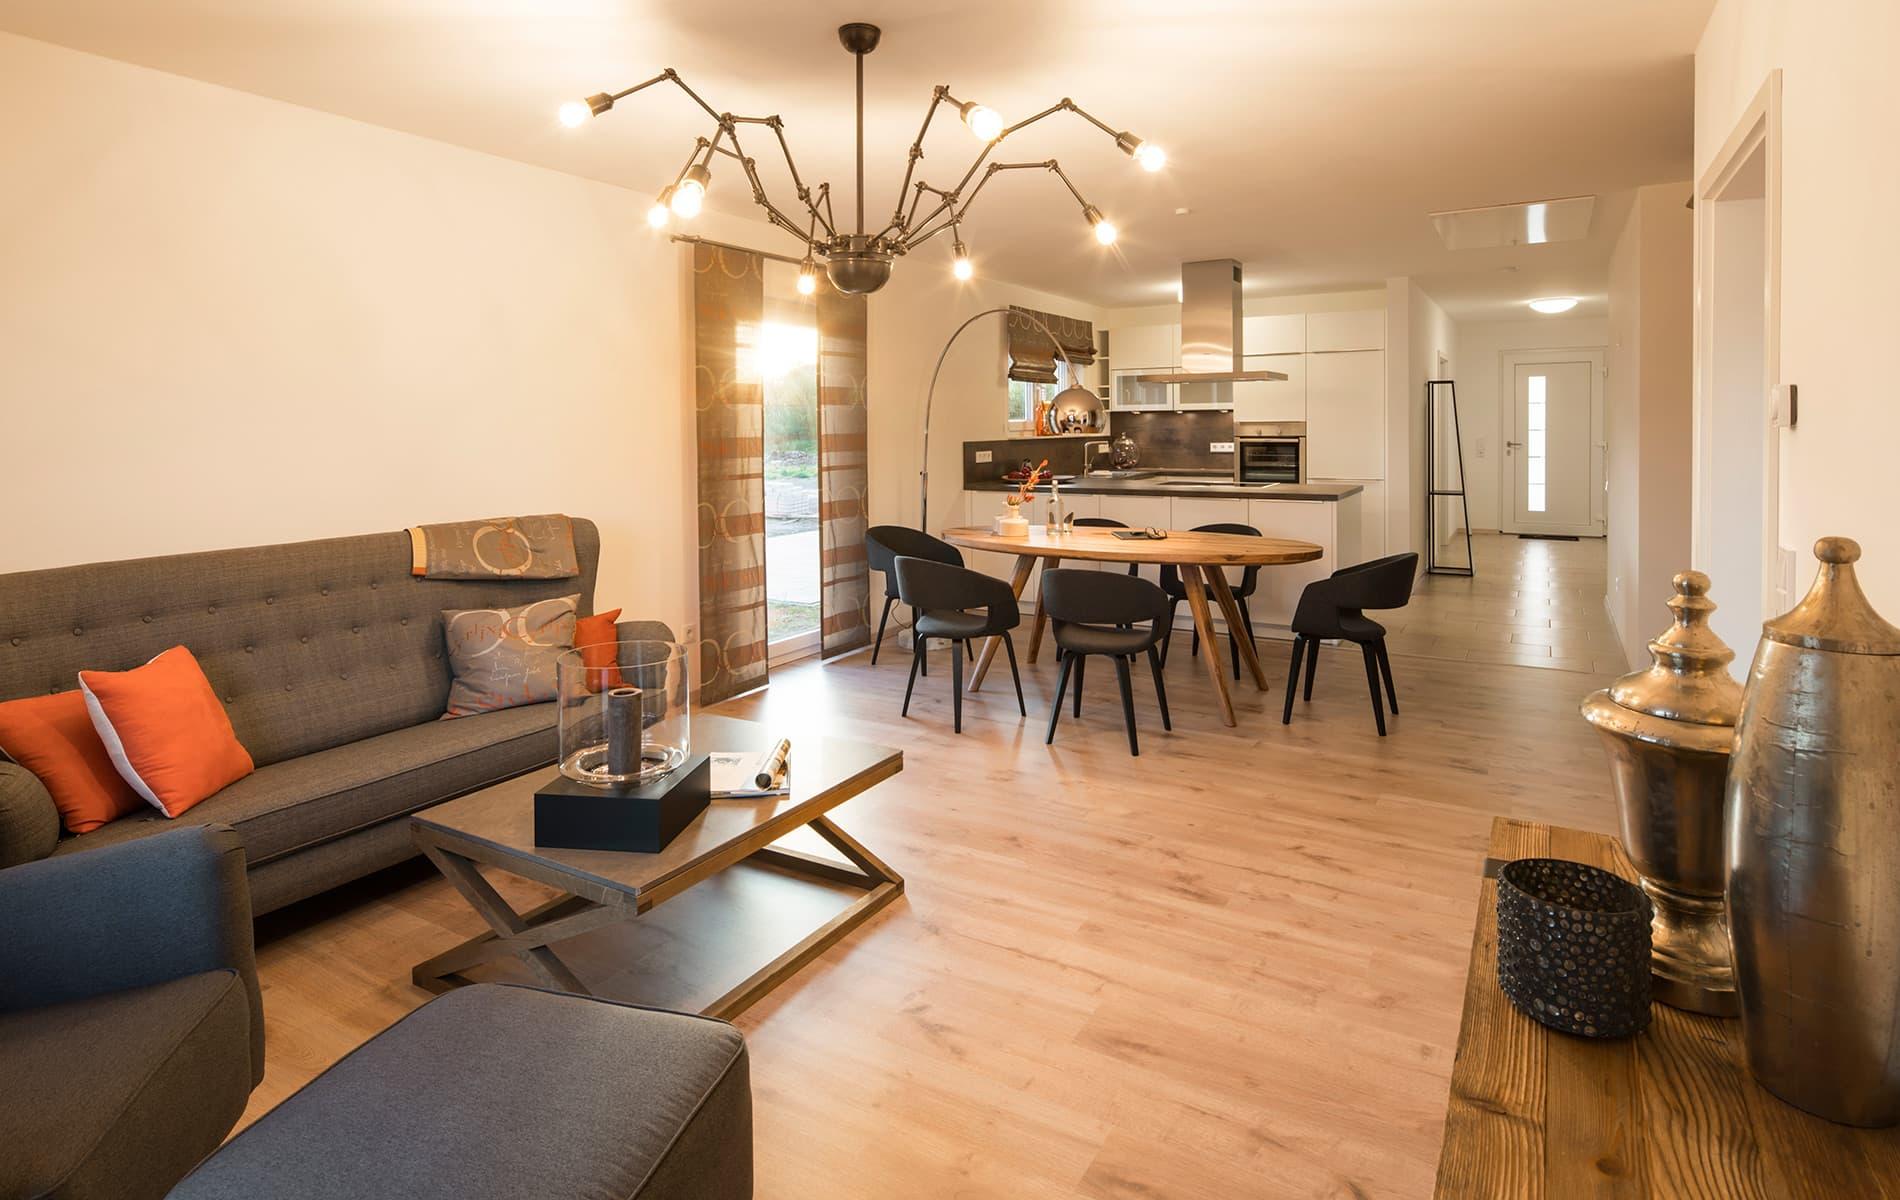 NIVO - Battenfeld - Wohnzimmer, Essbereich und Küche